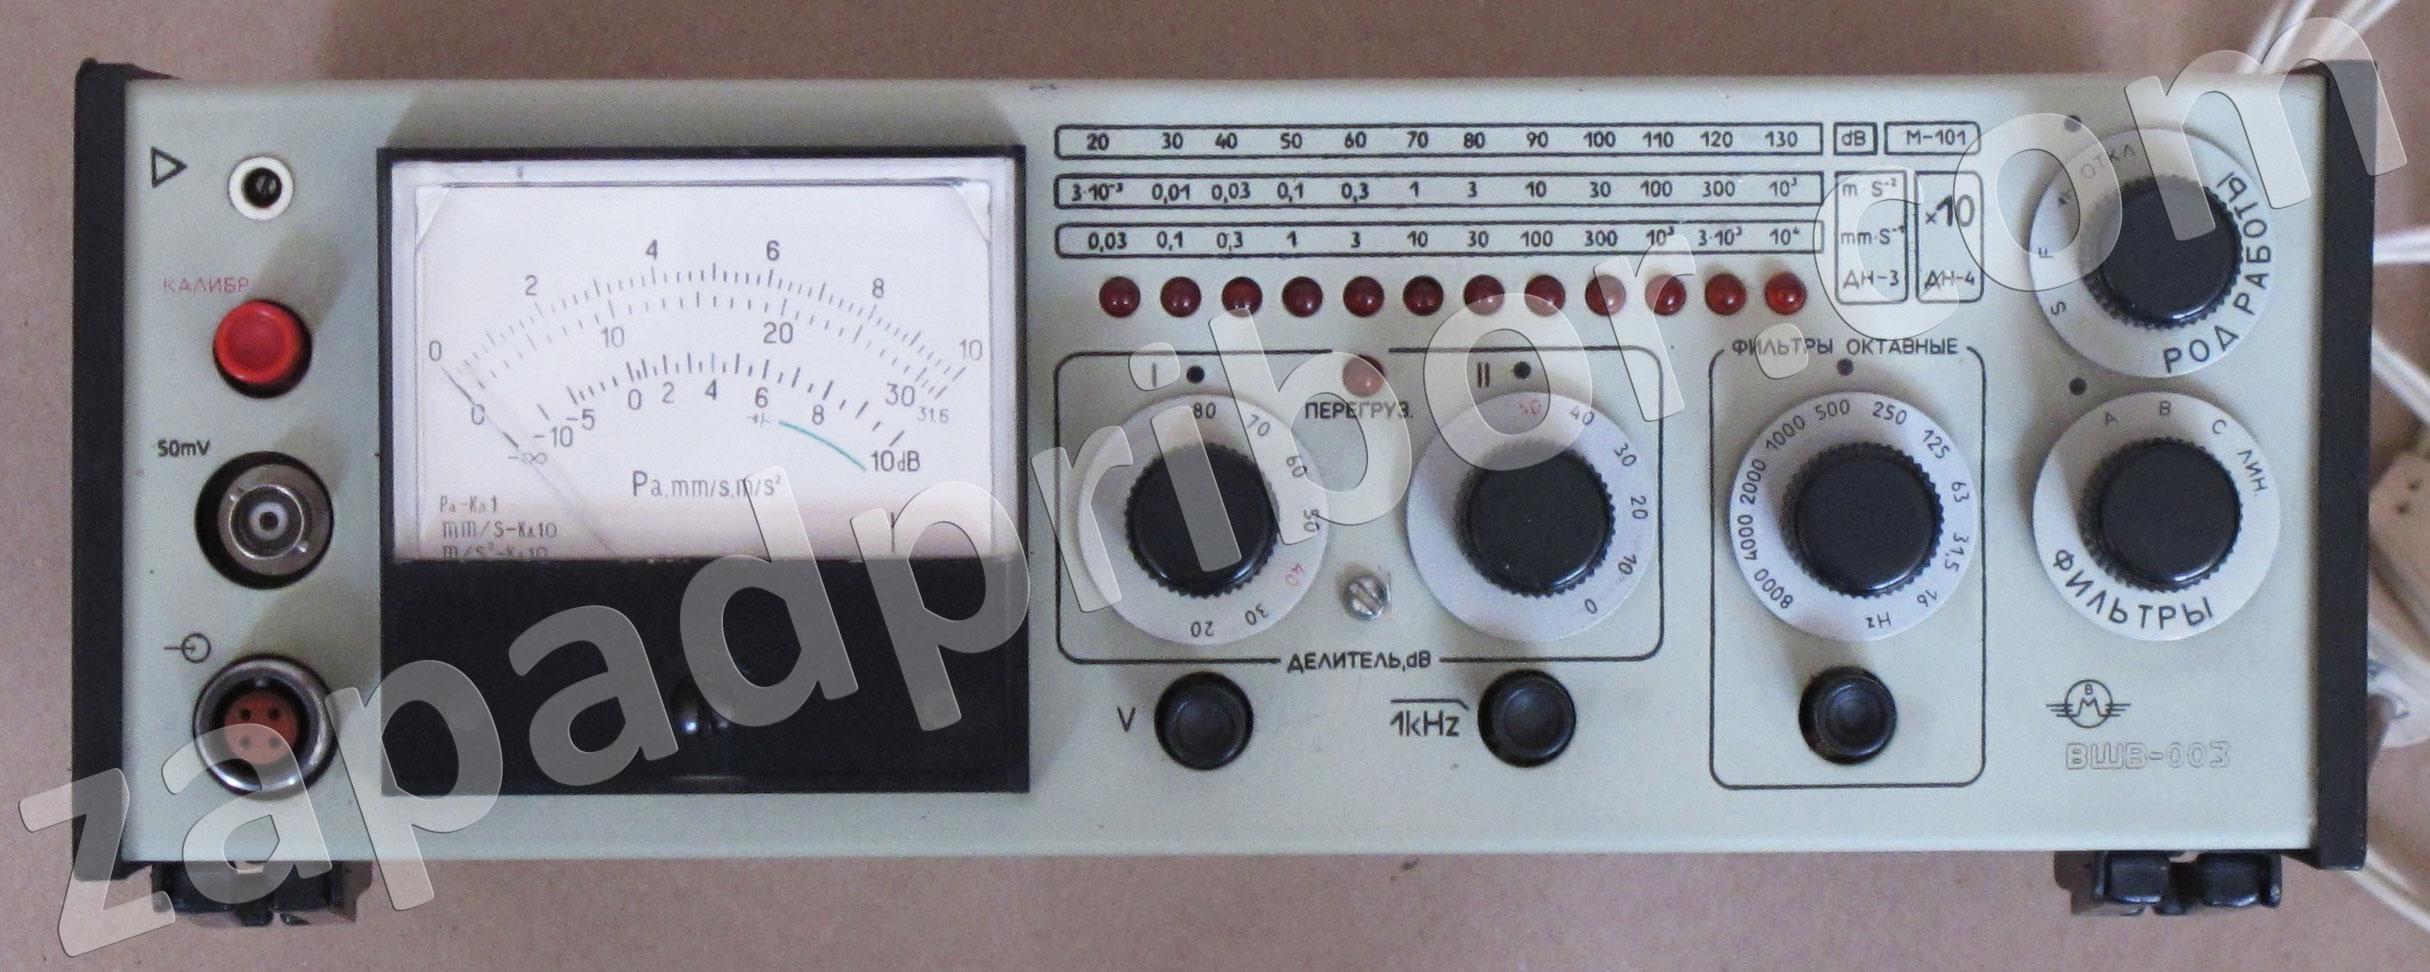 Шумомер инструкция к вшв-003-м2